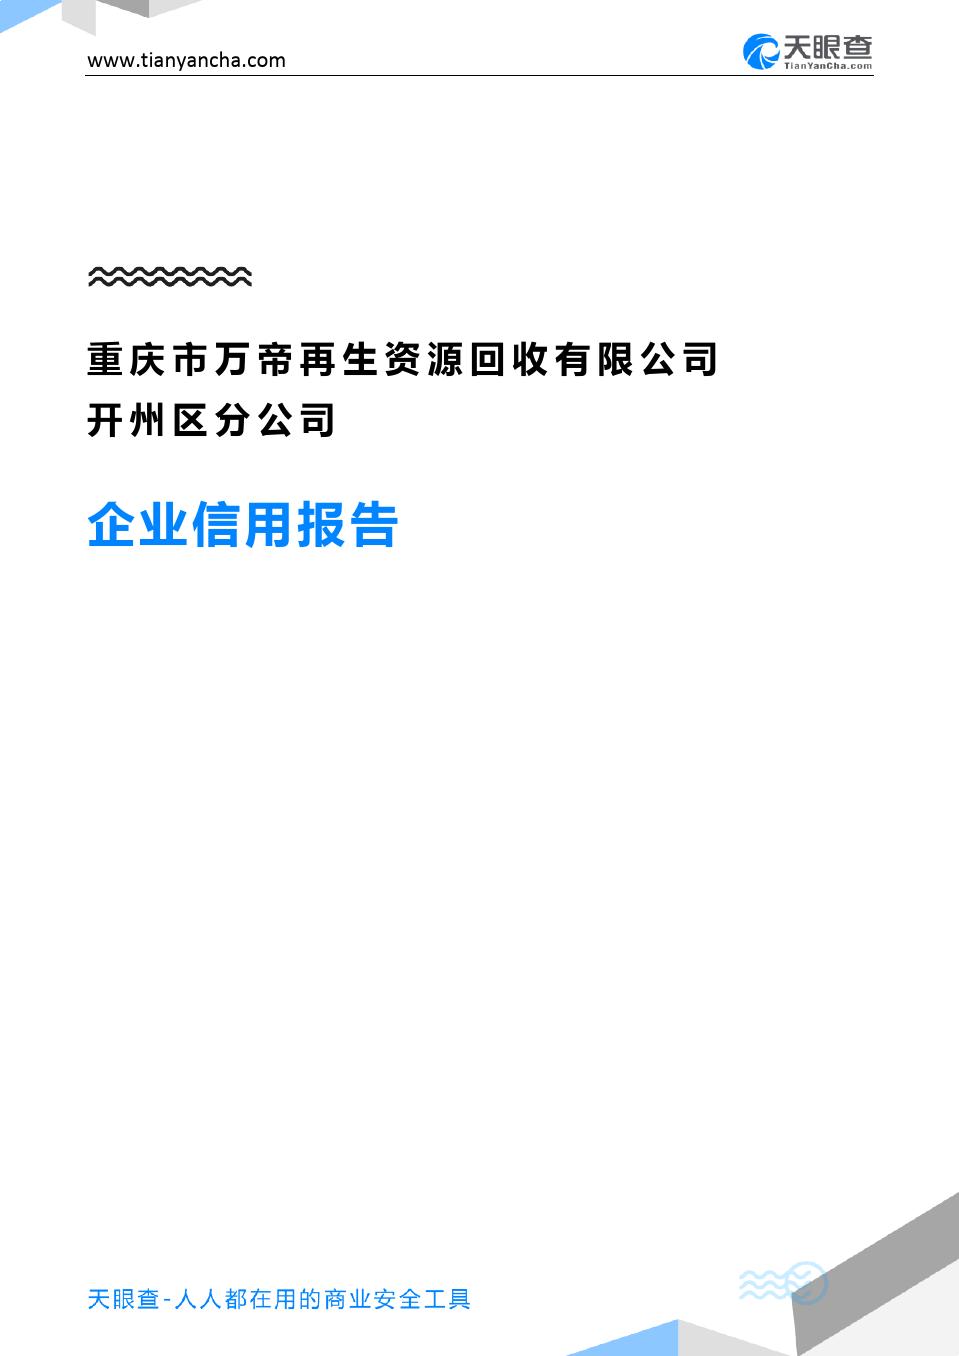 重庆市万帝再生资源回收有限公司开州区分公司企业信用报告-天眼查